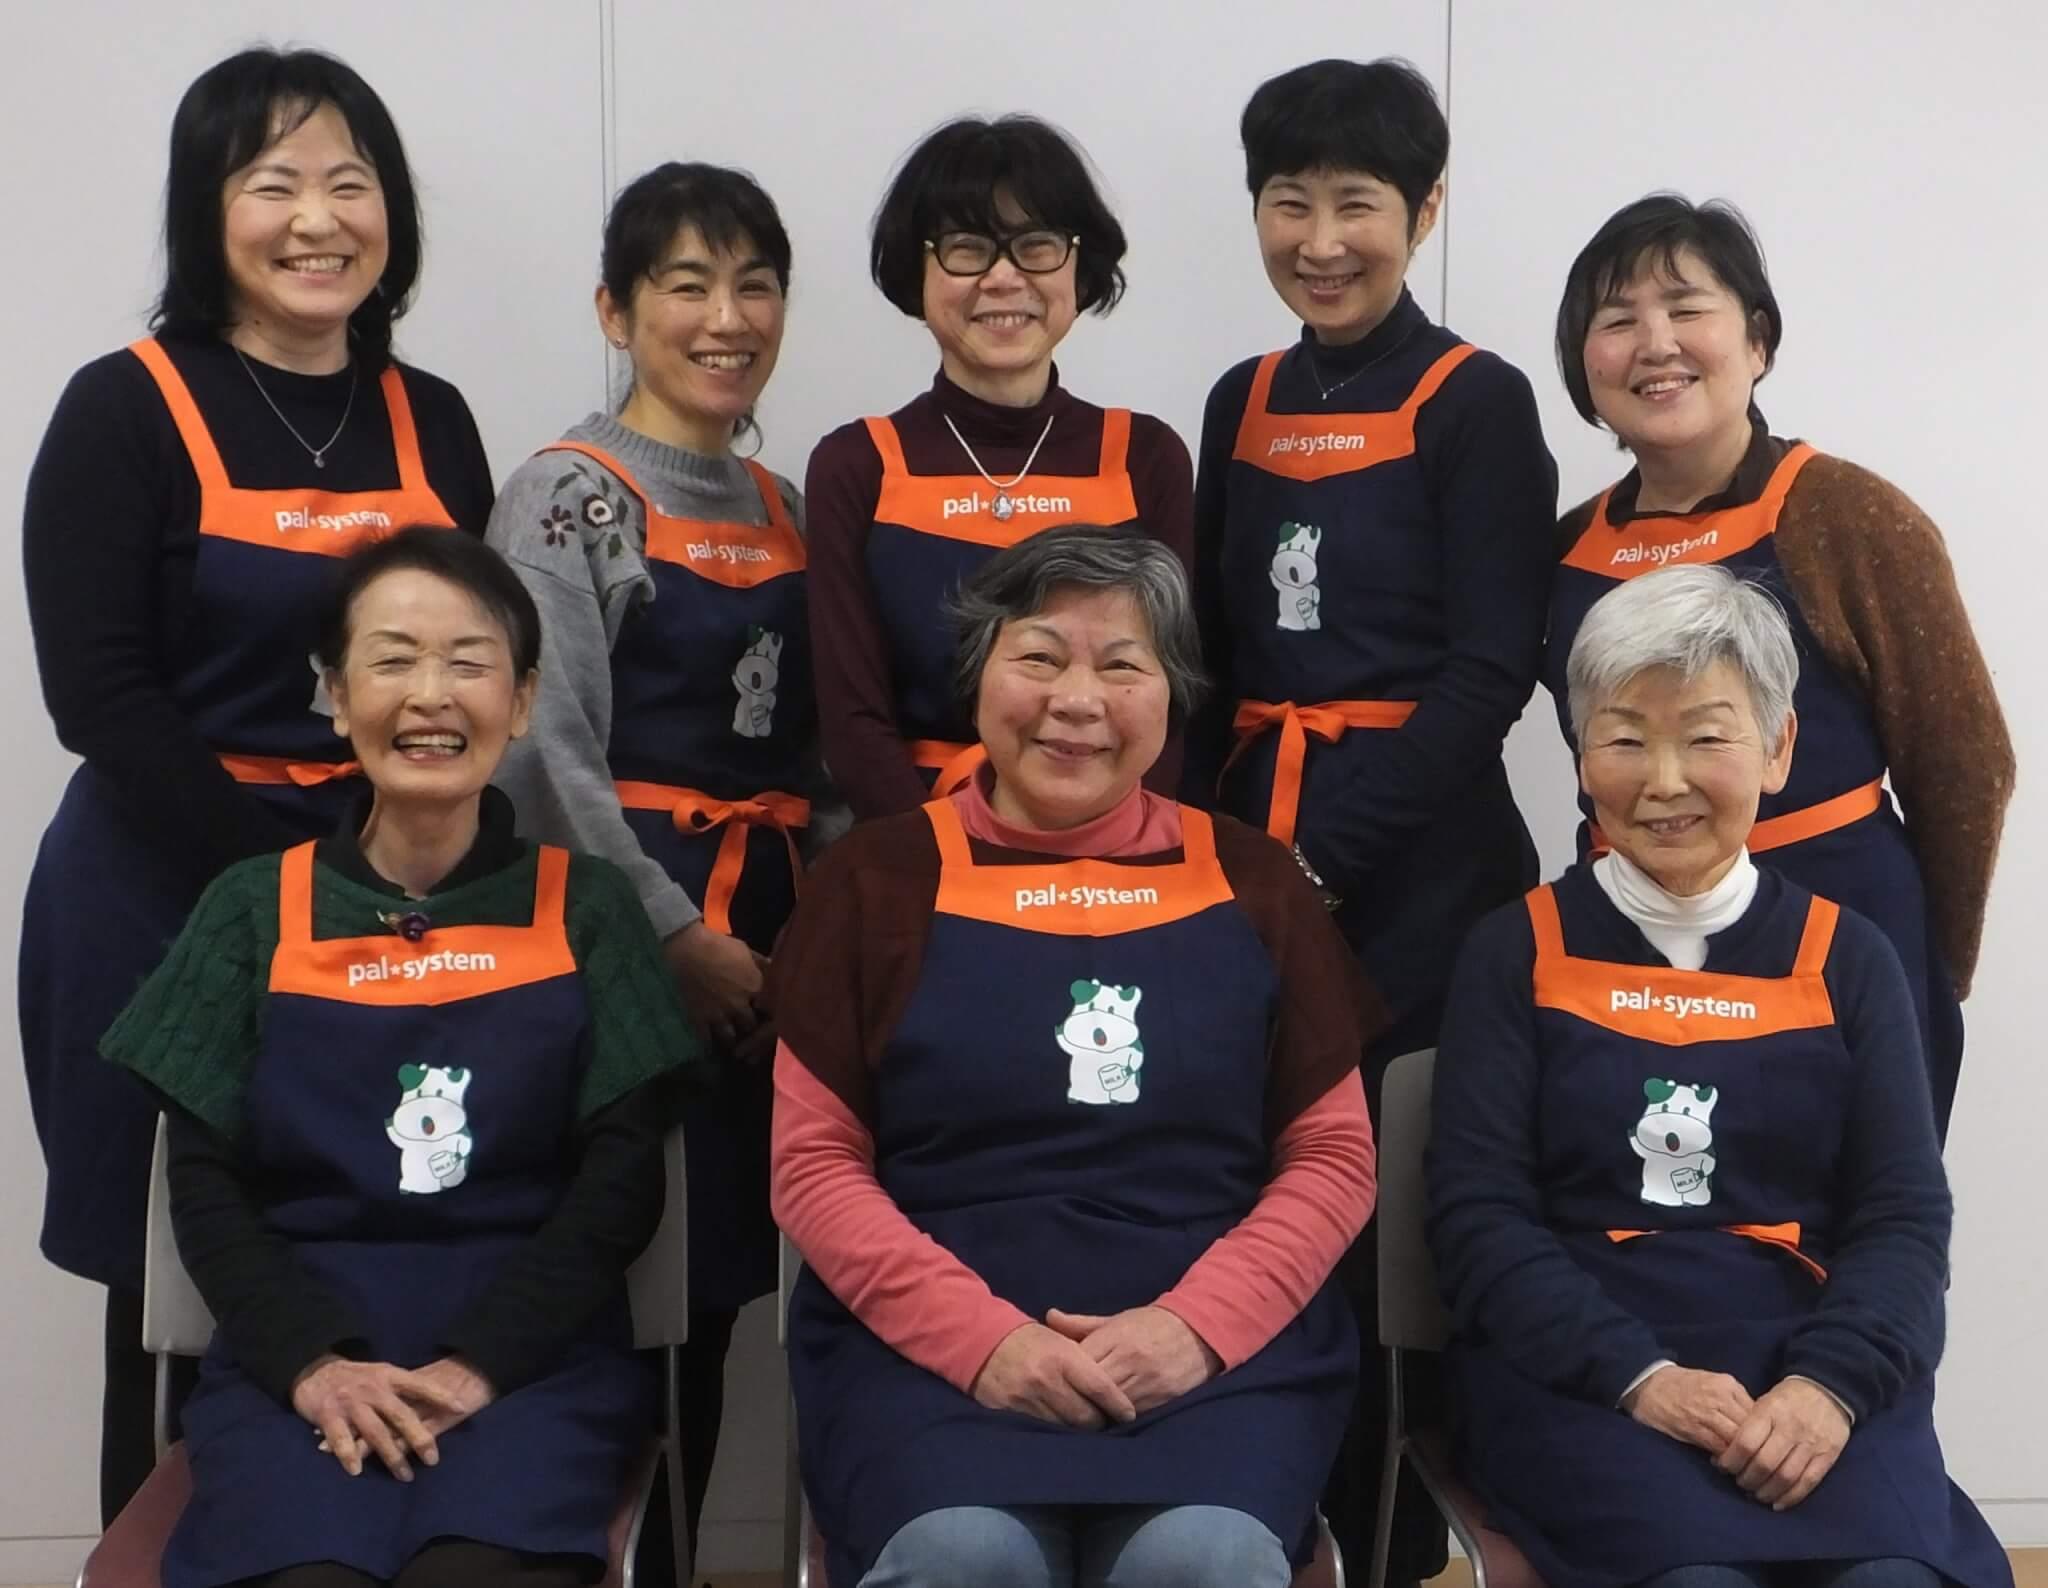 講師:パルシステム東京食育リーダー